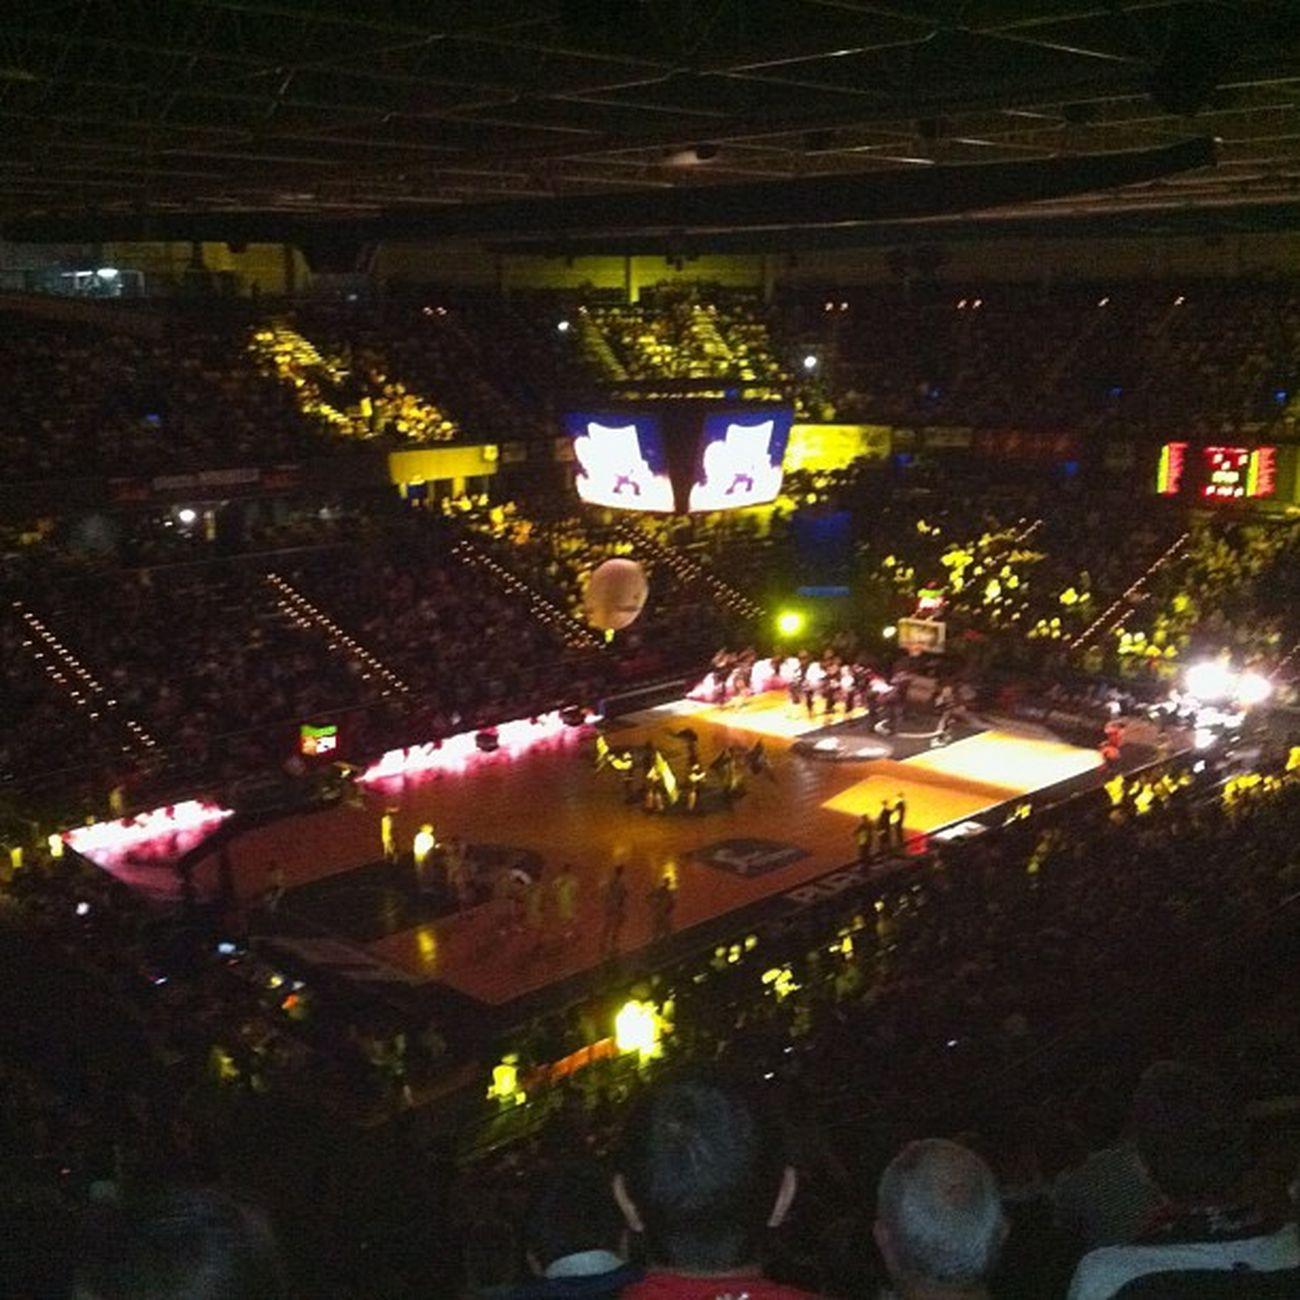 Bilbao Basket Hombresdenegro vamosssss!!!!! @petitxu